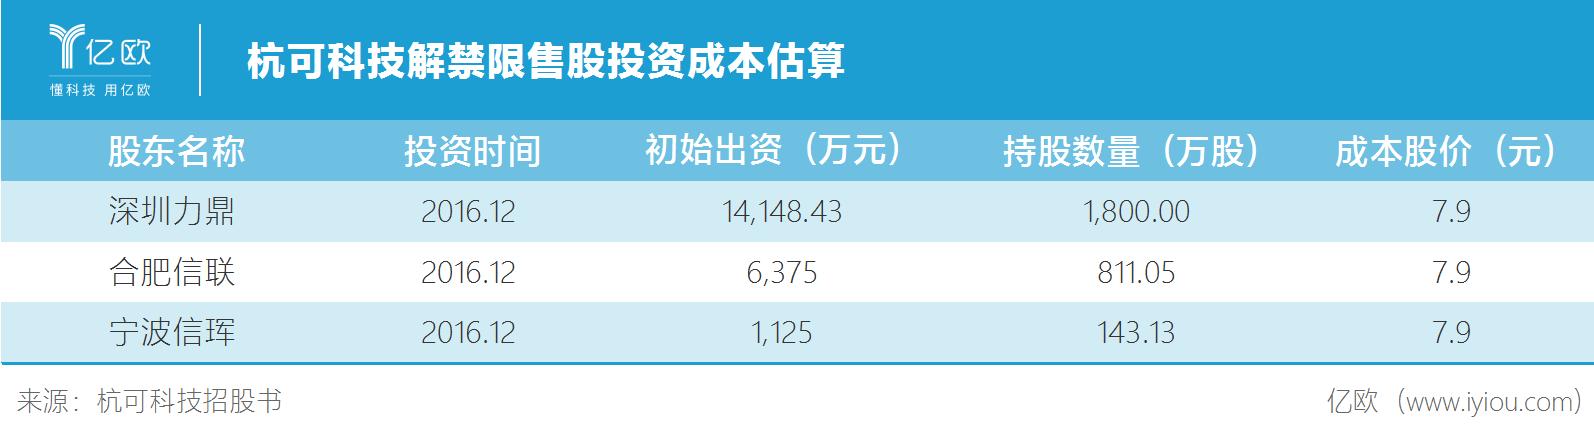 杭可科技解禁限售股投資成本估算杭可科技解禁限售股投資成本估算.png